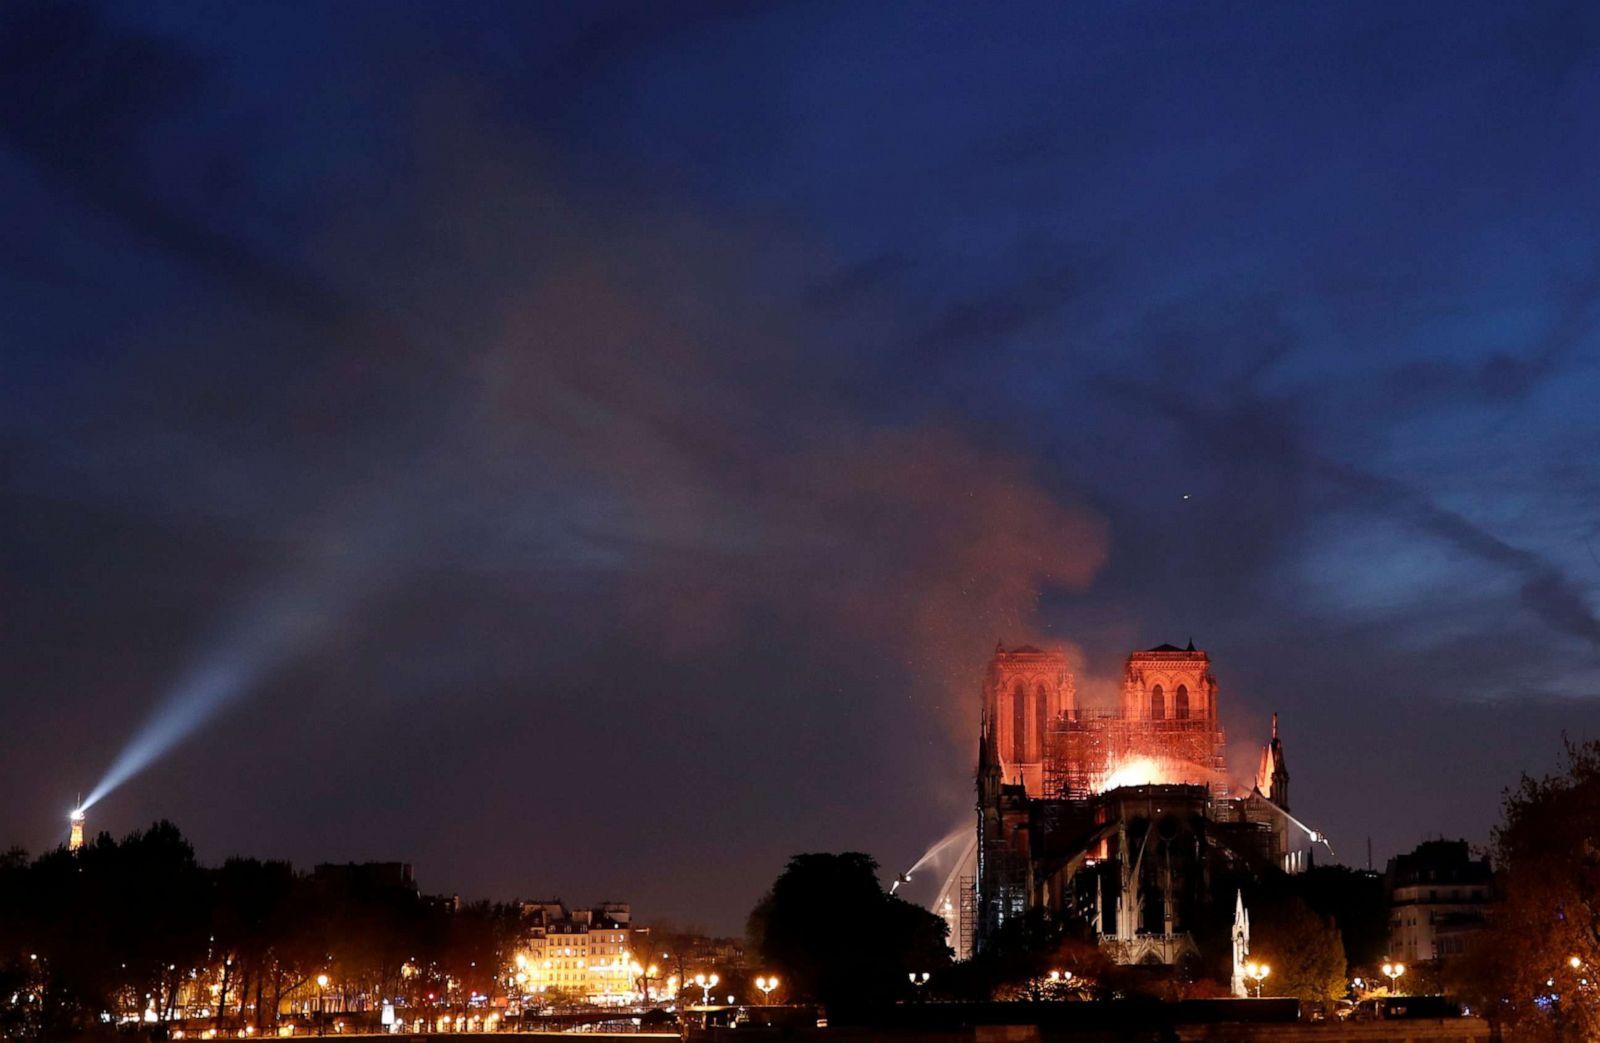 Zjarrëfikësit luftojnë flakët në Notre Dame, veprat e artit kthehen në hi